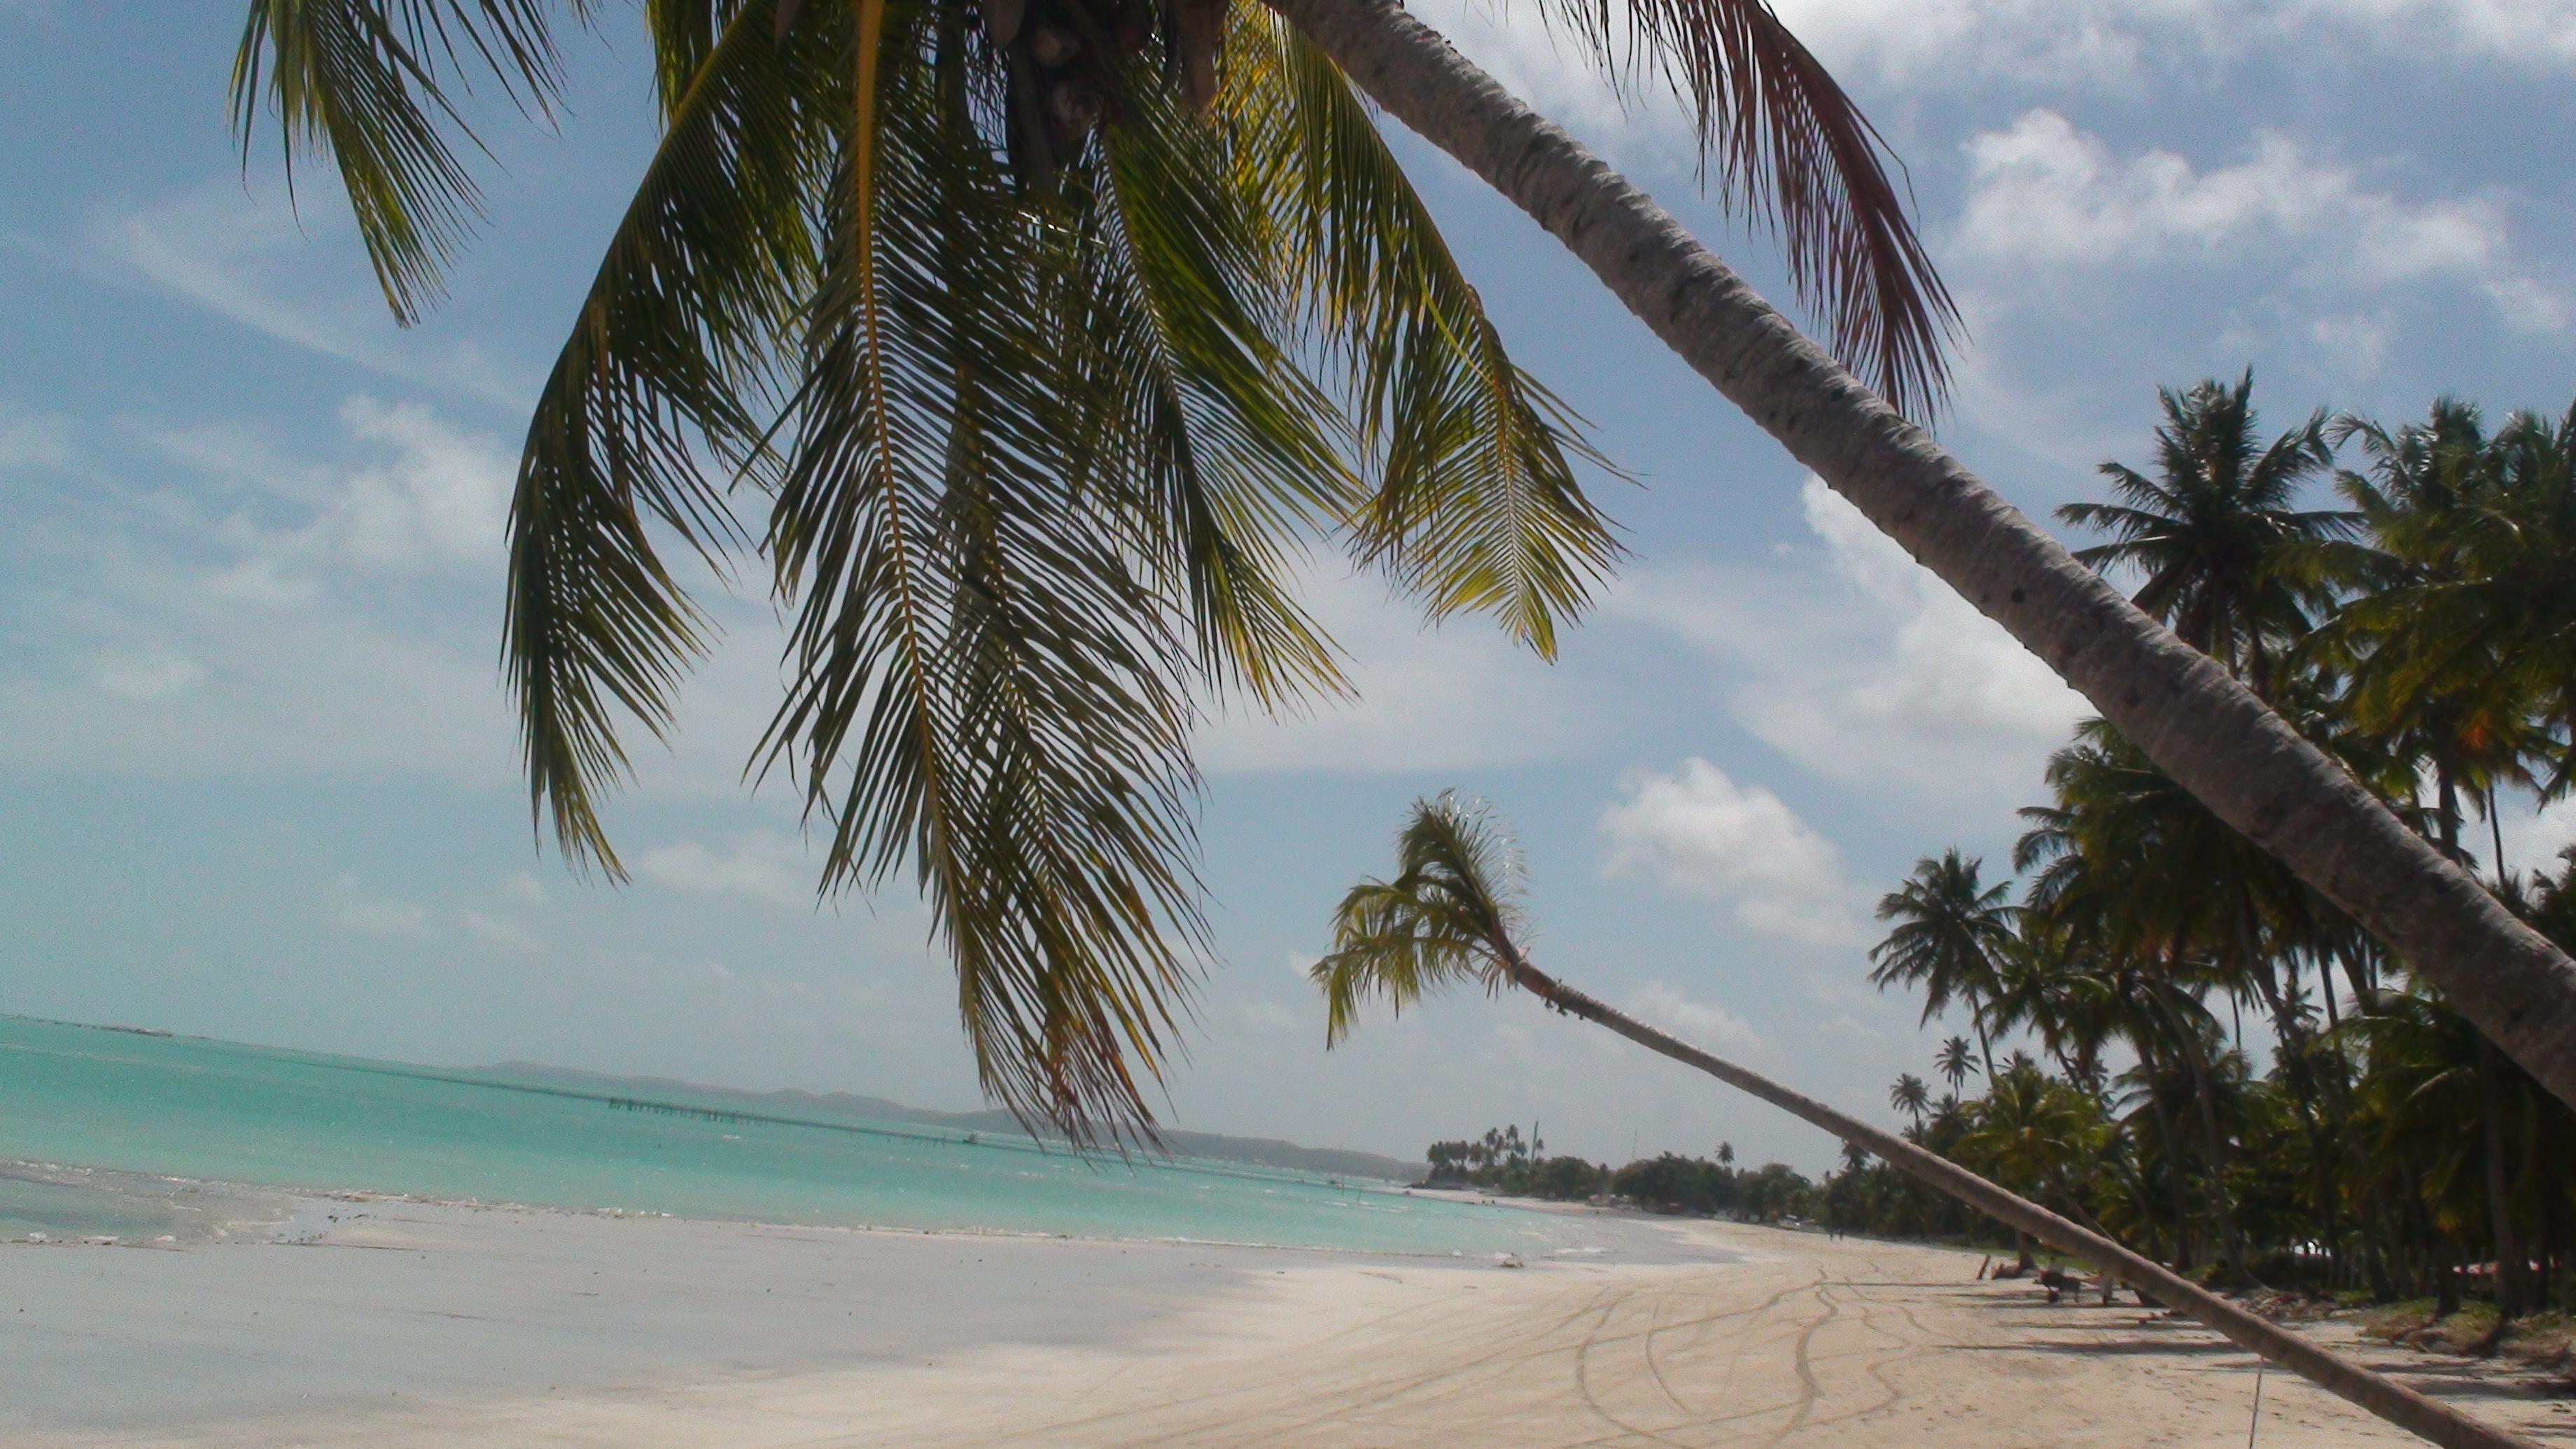 Dicas de viagem Alagoas Dicas de viagem maceio